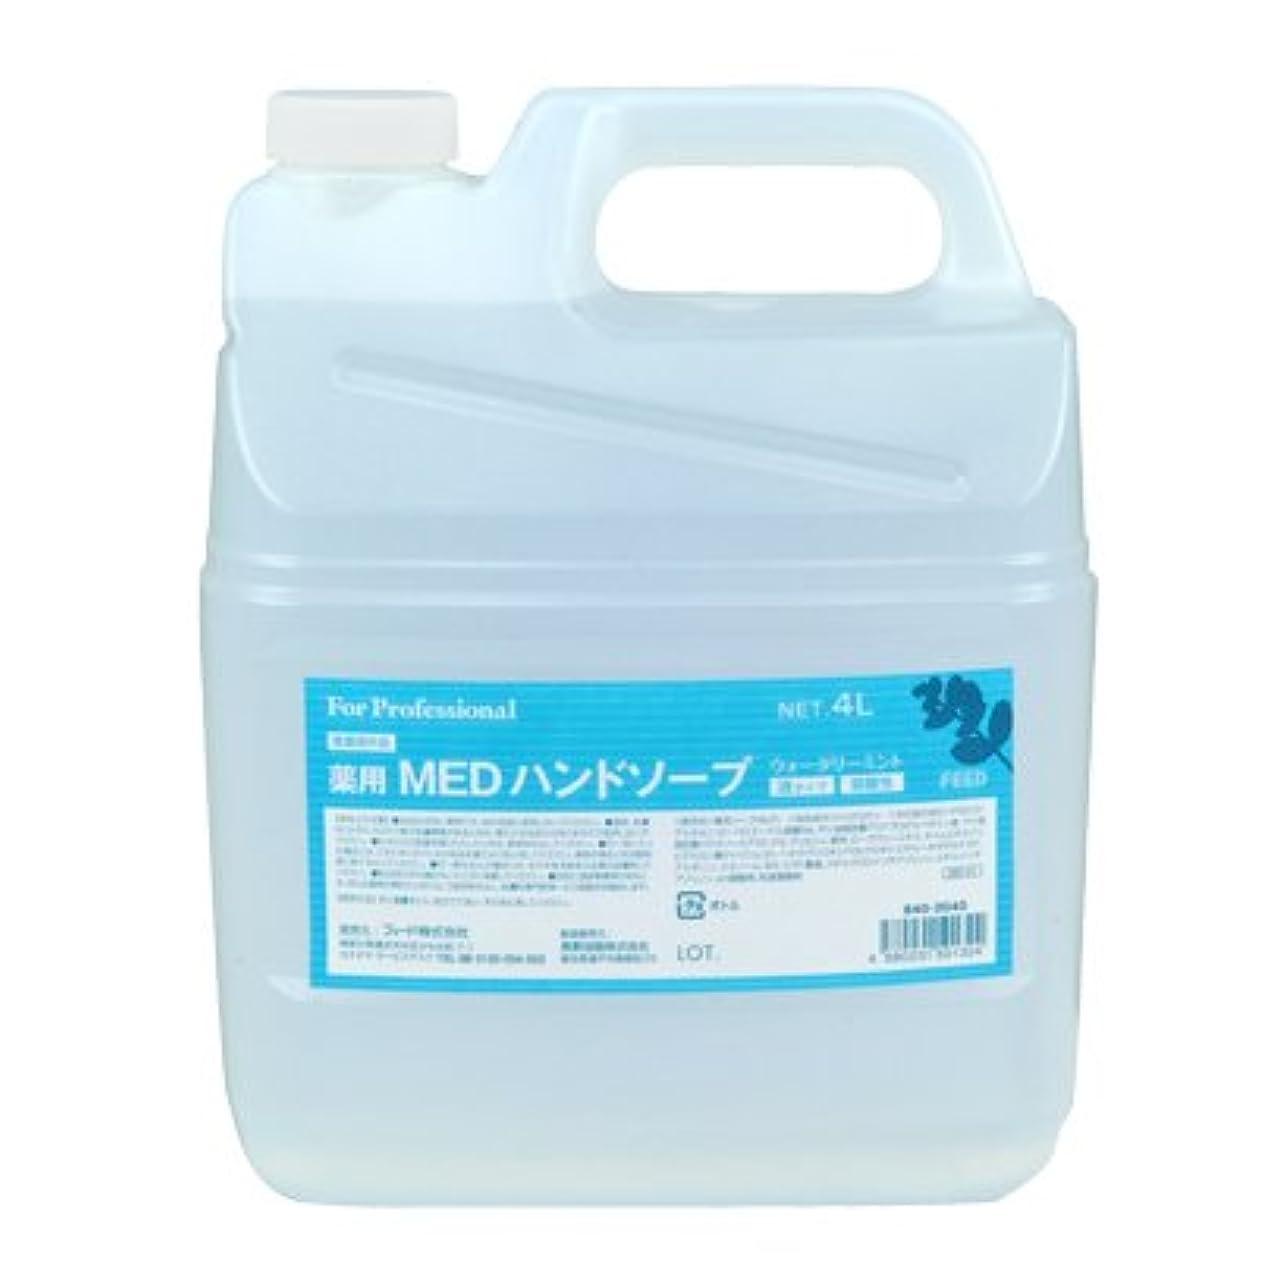 夫憤るタイル【業務用】 FEED(フィード) 薬用 MEDハンドソープ 液タイプ/4L詰替用 ハンドソープ(液タイプ) 入数 1本